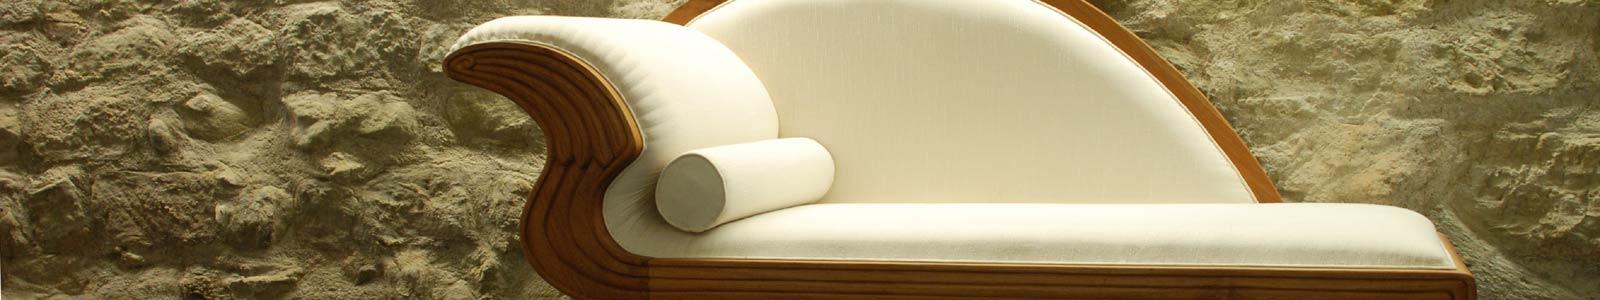 rattanm bel wie sofas sessel aus rattan vitrinen und weitere m bel f r das wohnzimmer. Black Bedroom Furniture Sets. Home Design Ideas